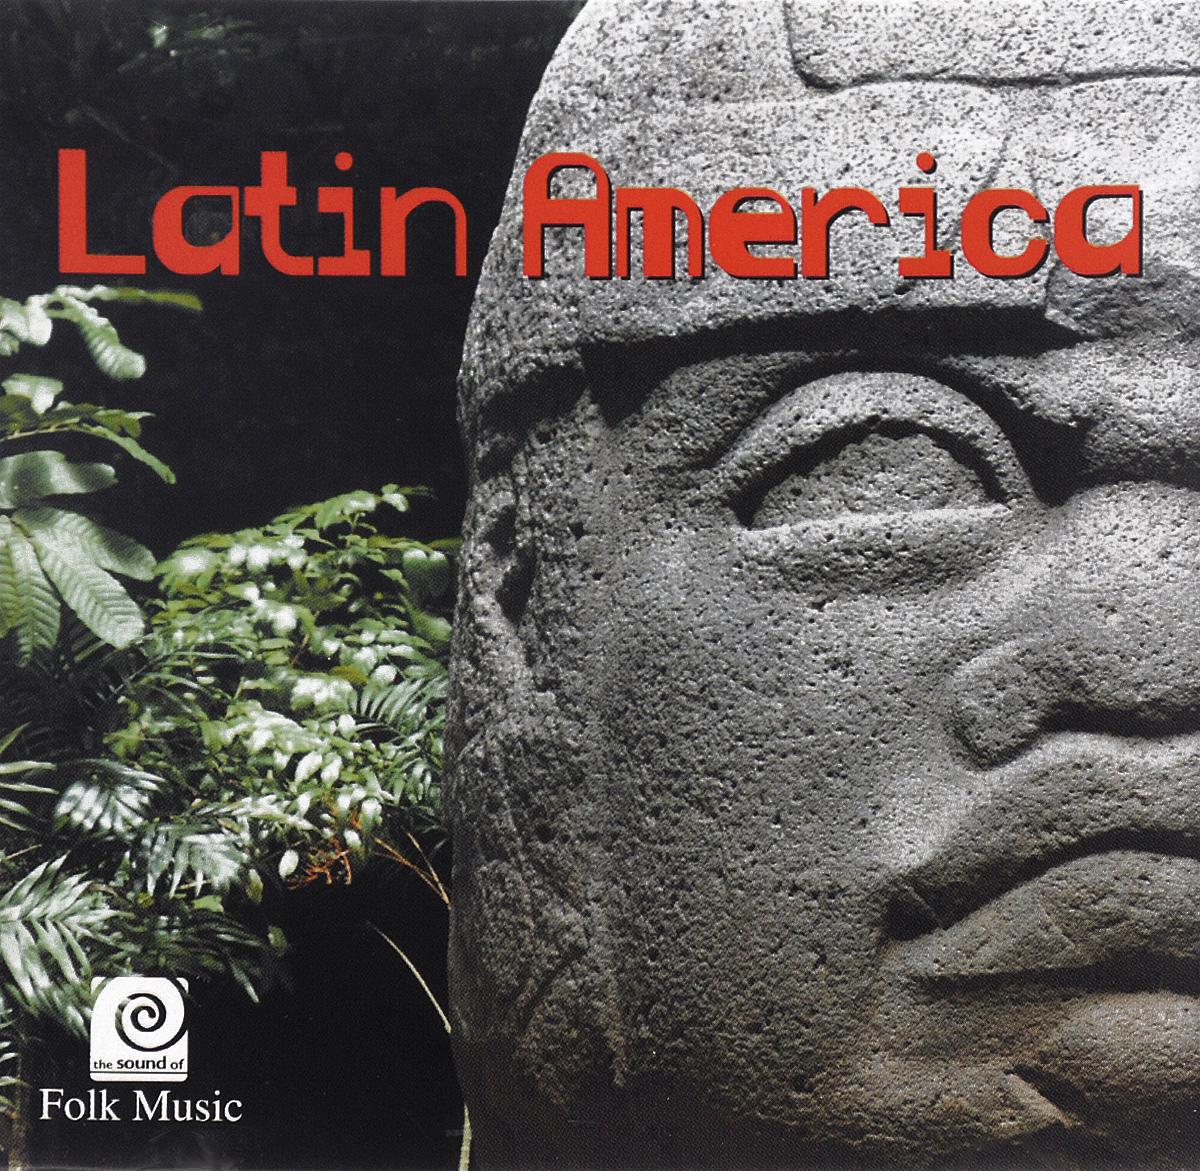 Zakazat.ru: The Sound Of Folk Music - Latin America